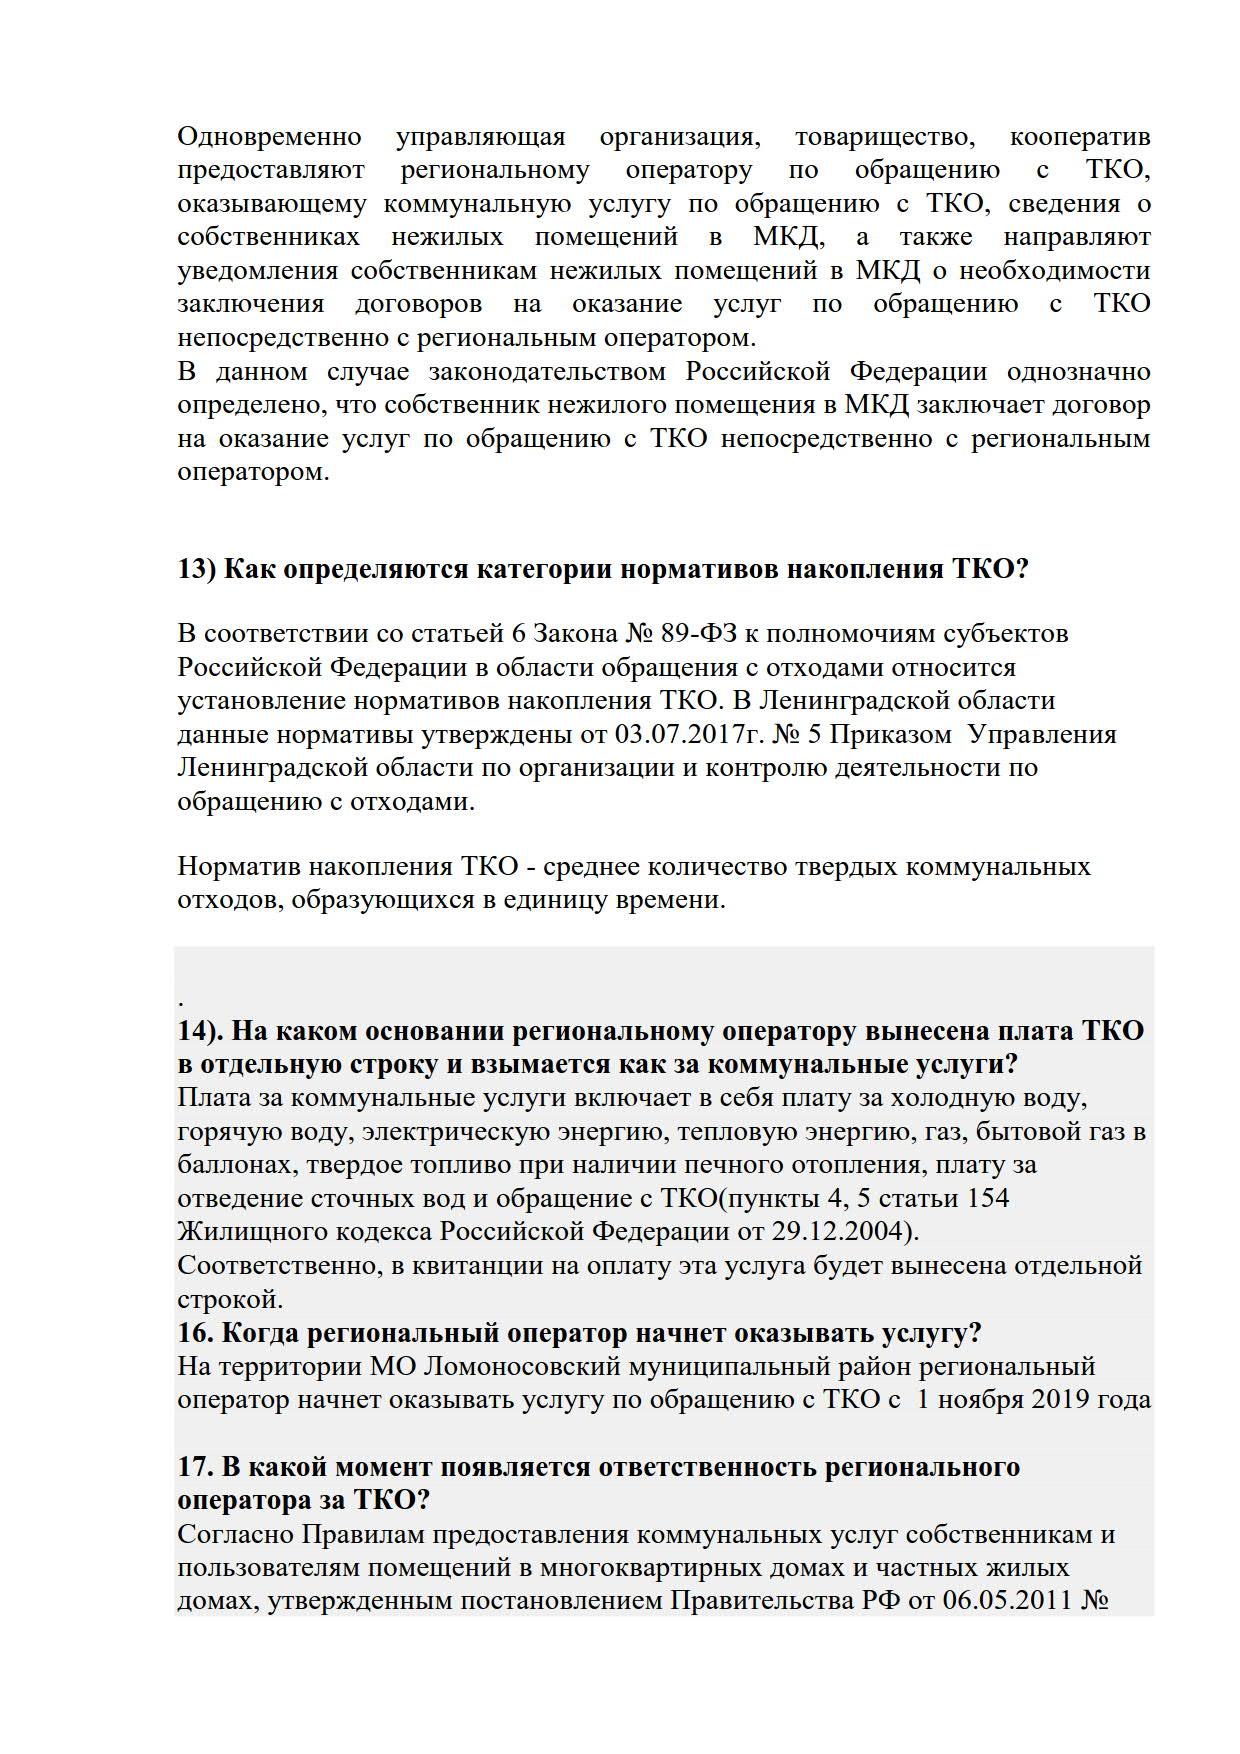 Общая информация по реформе_6